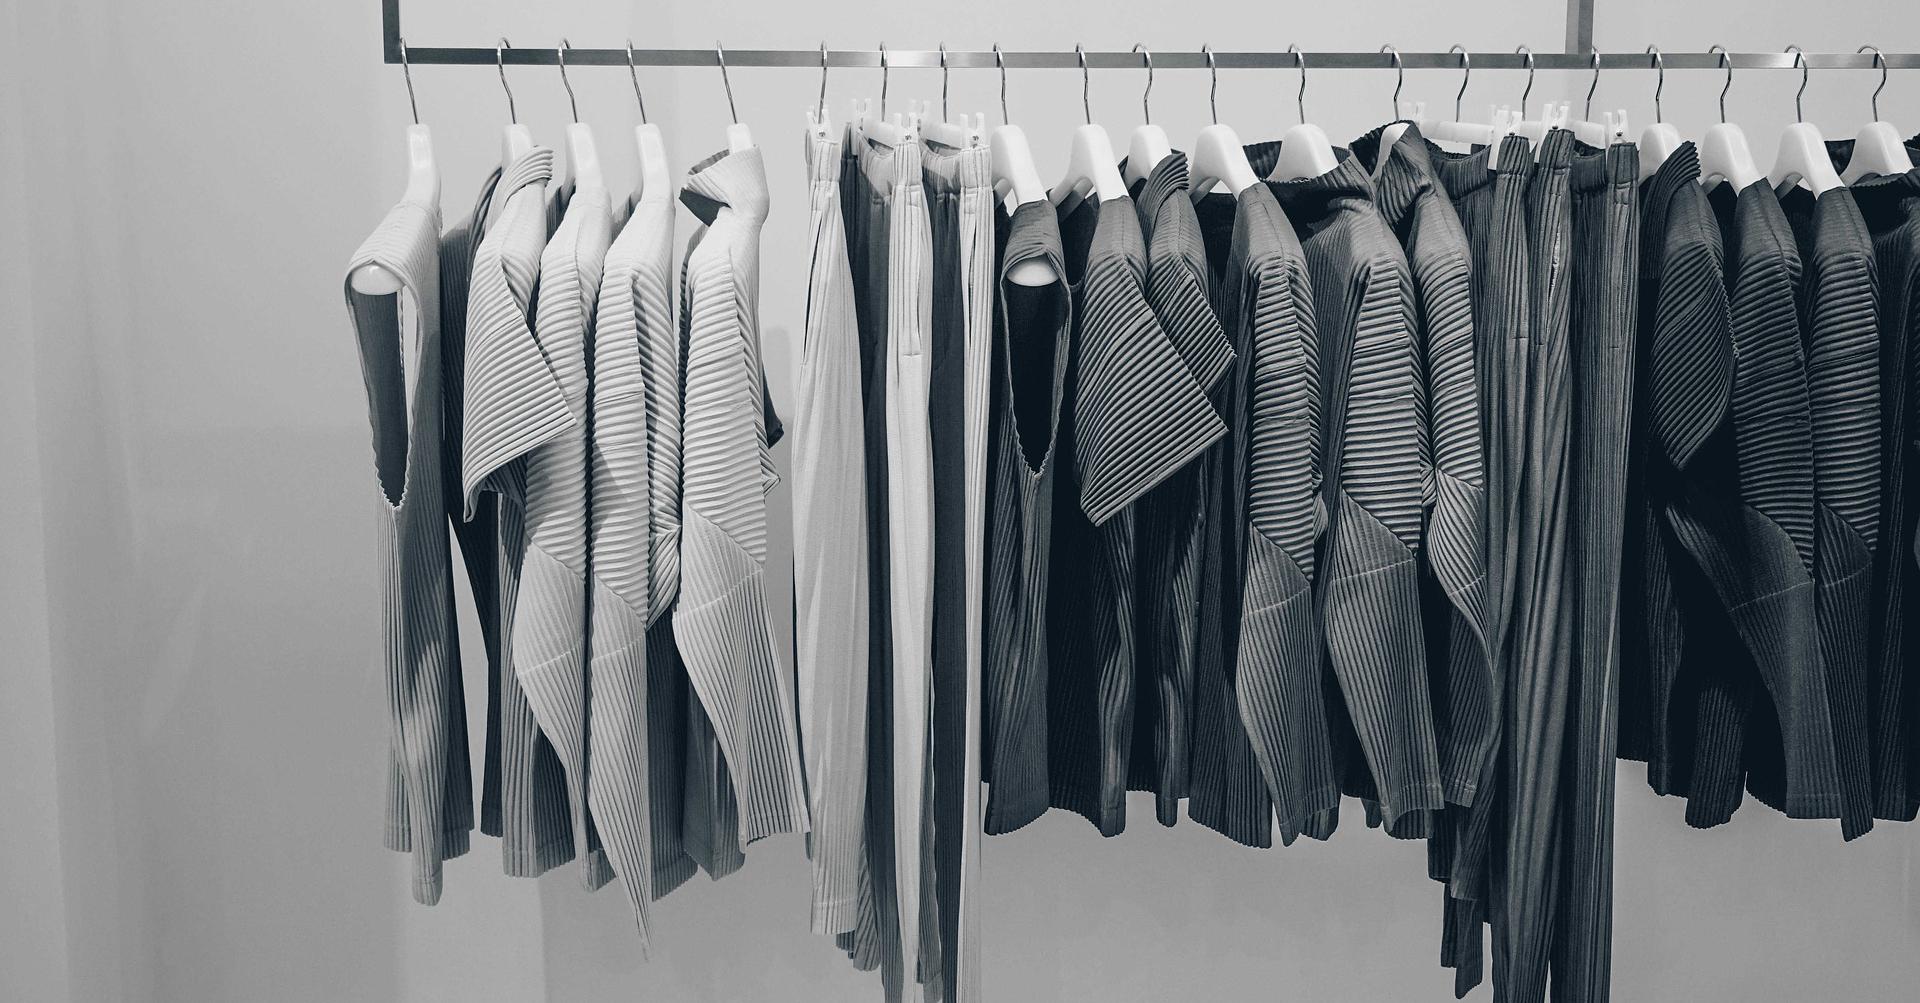 b4969c1a5741 Att tänka på innan du köper kläder för att undvika onödiga plagg i din  garderob.